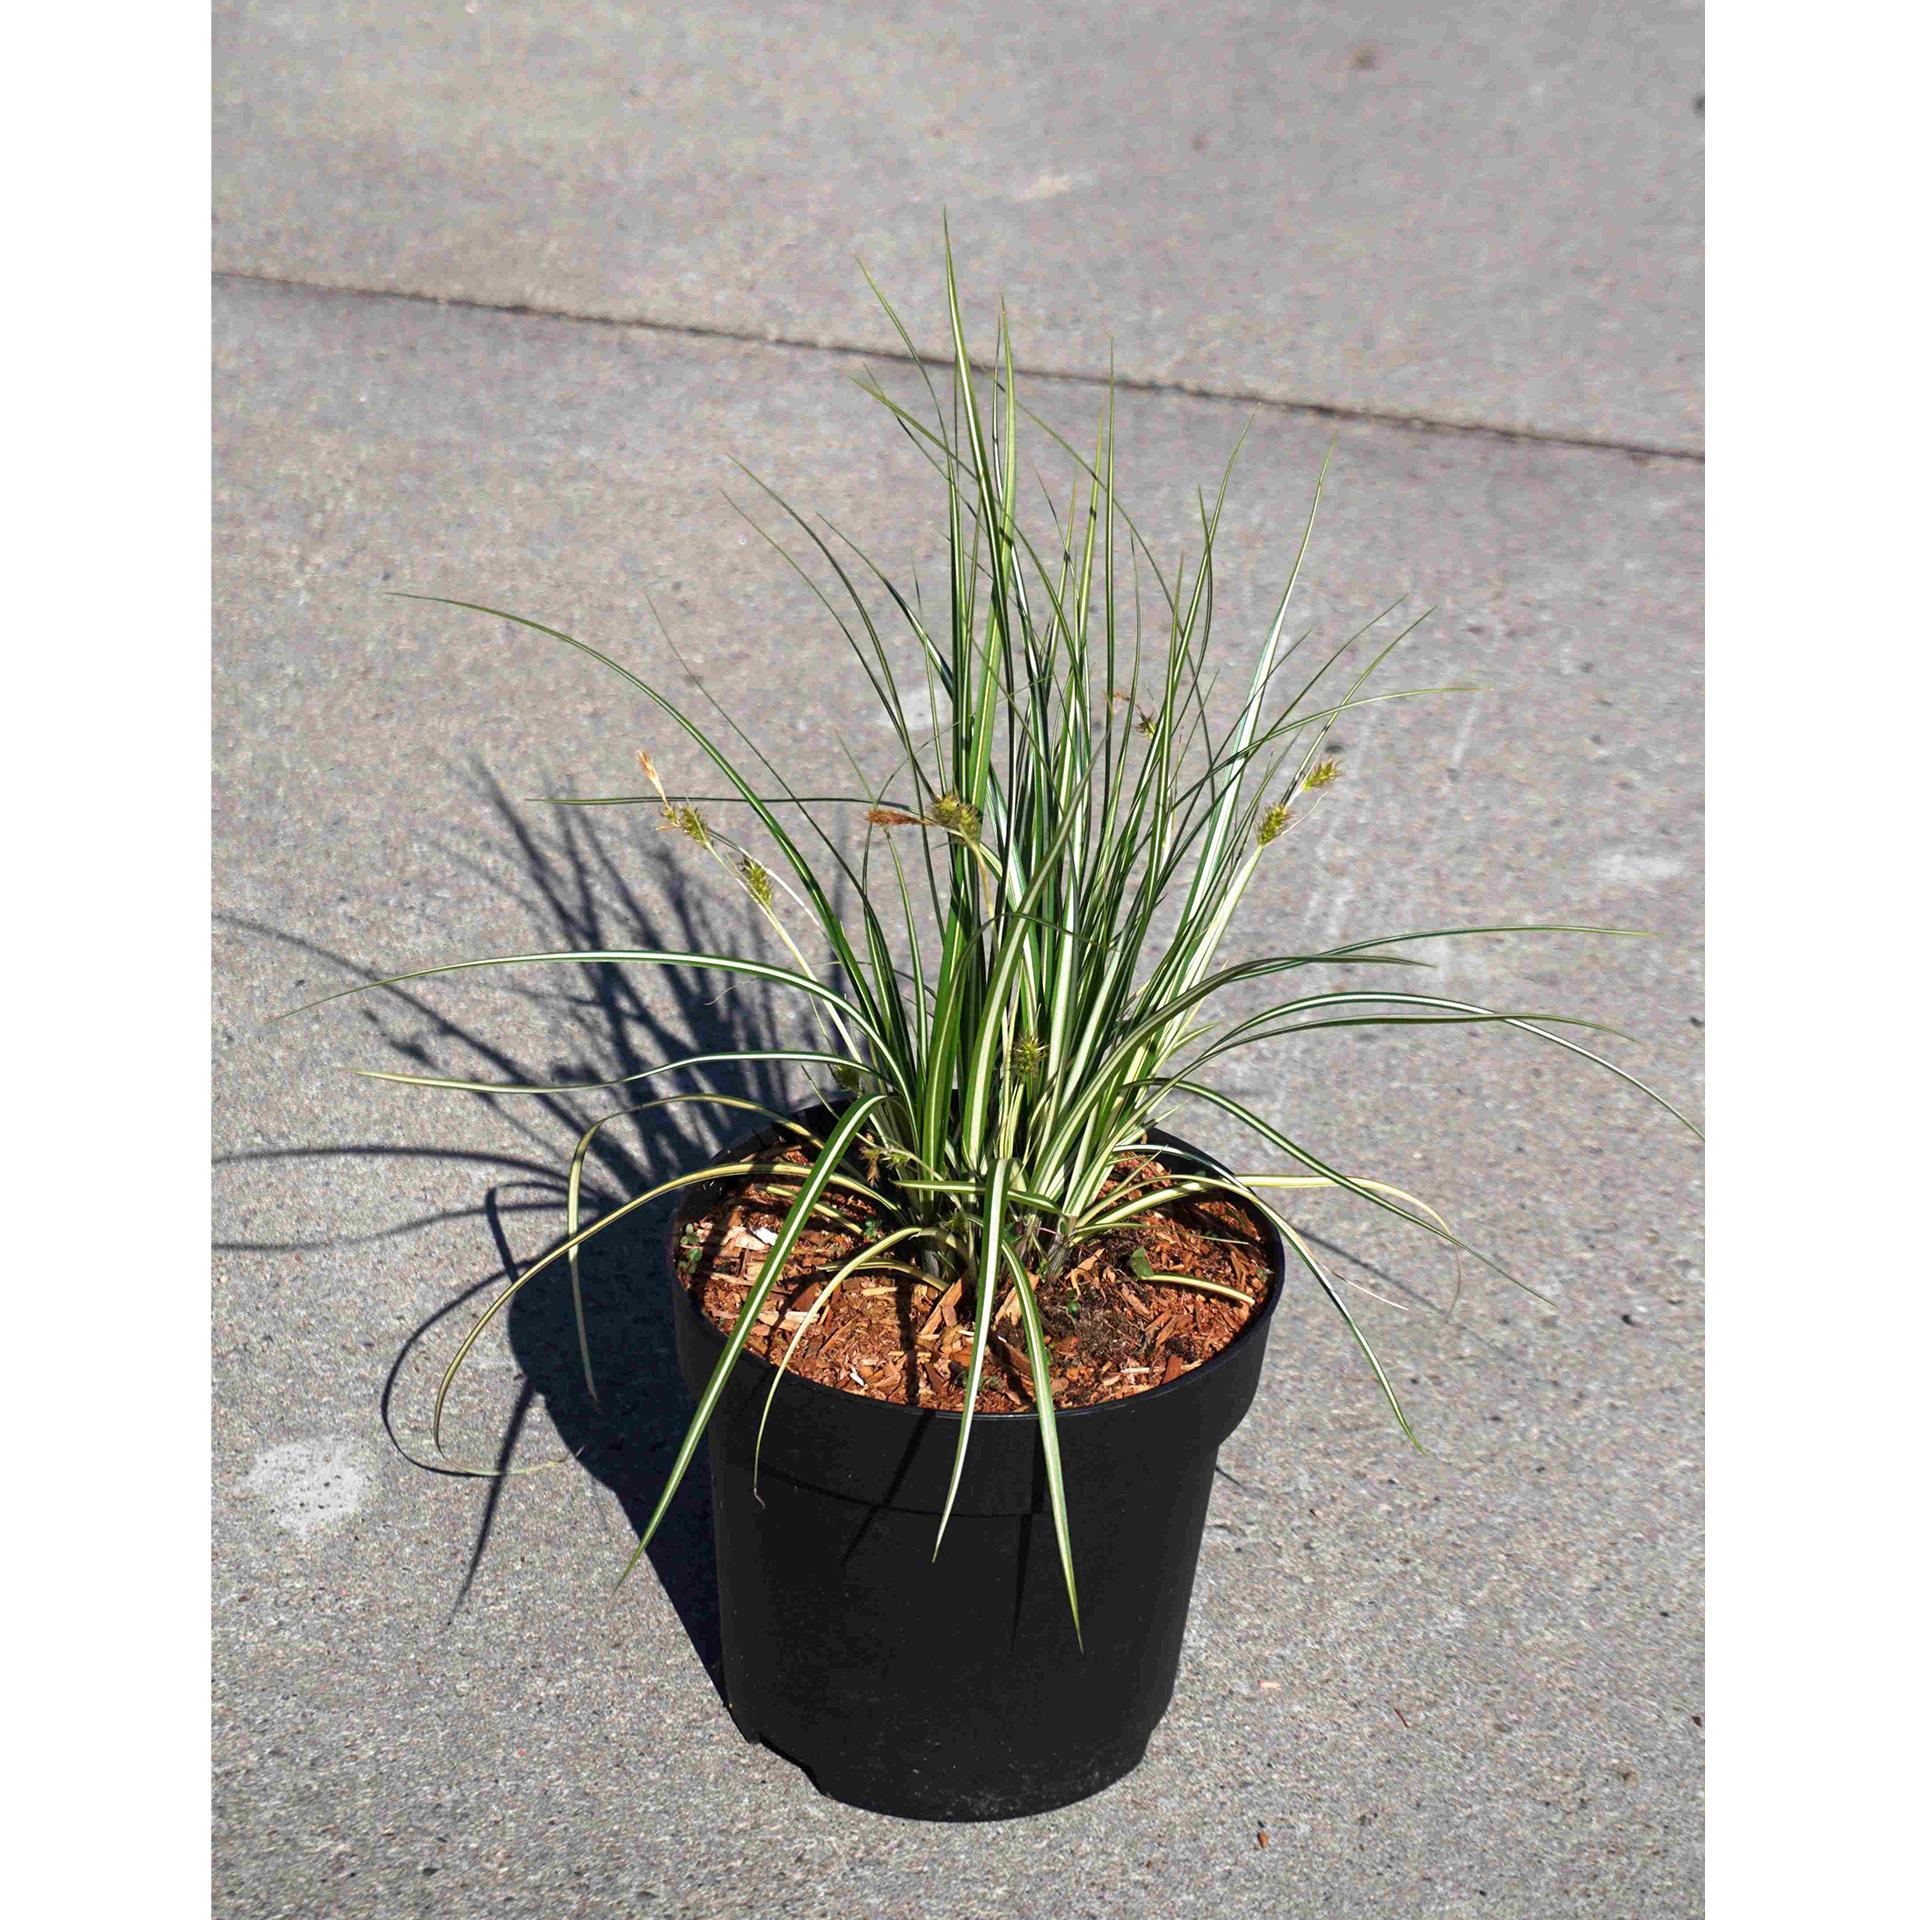 Segge - Carex hachijoensis 'Evergold', C2,8